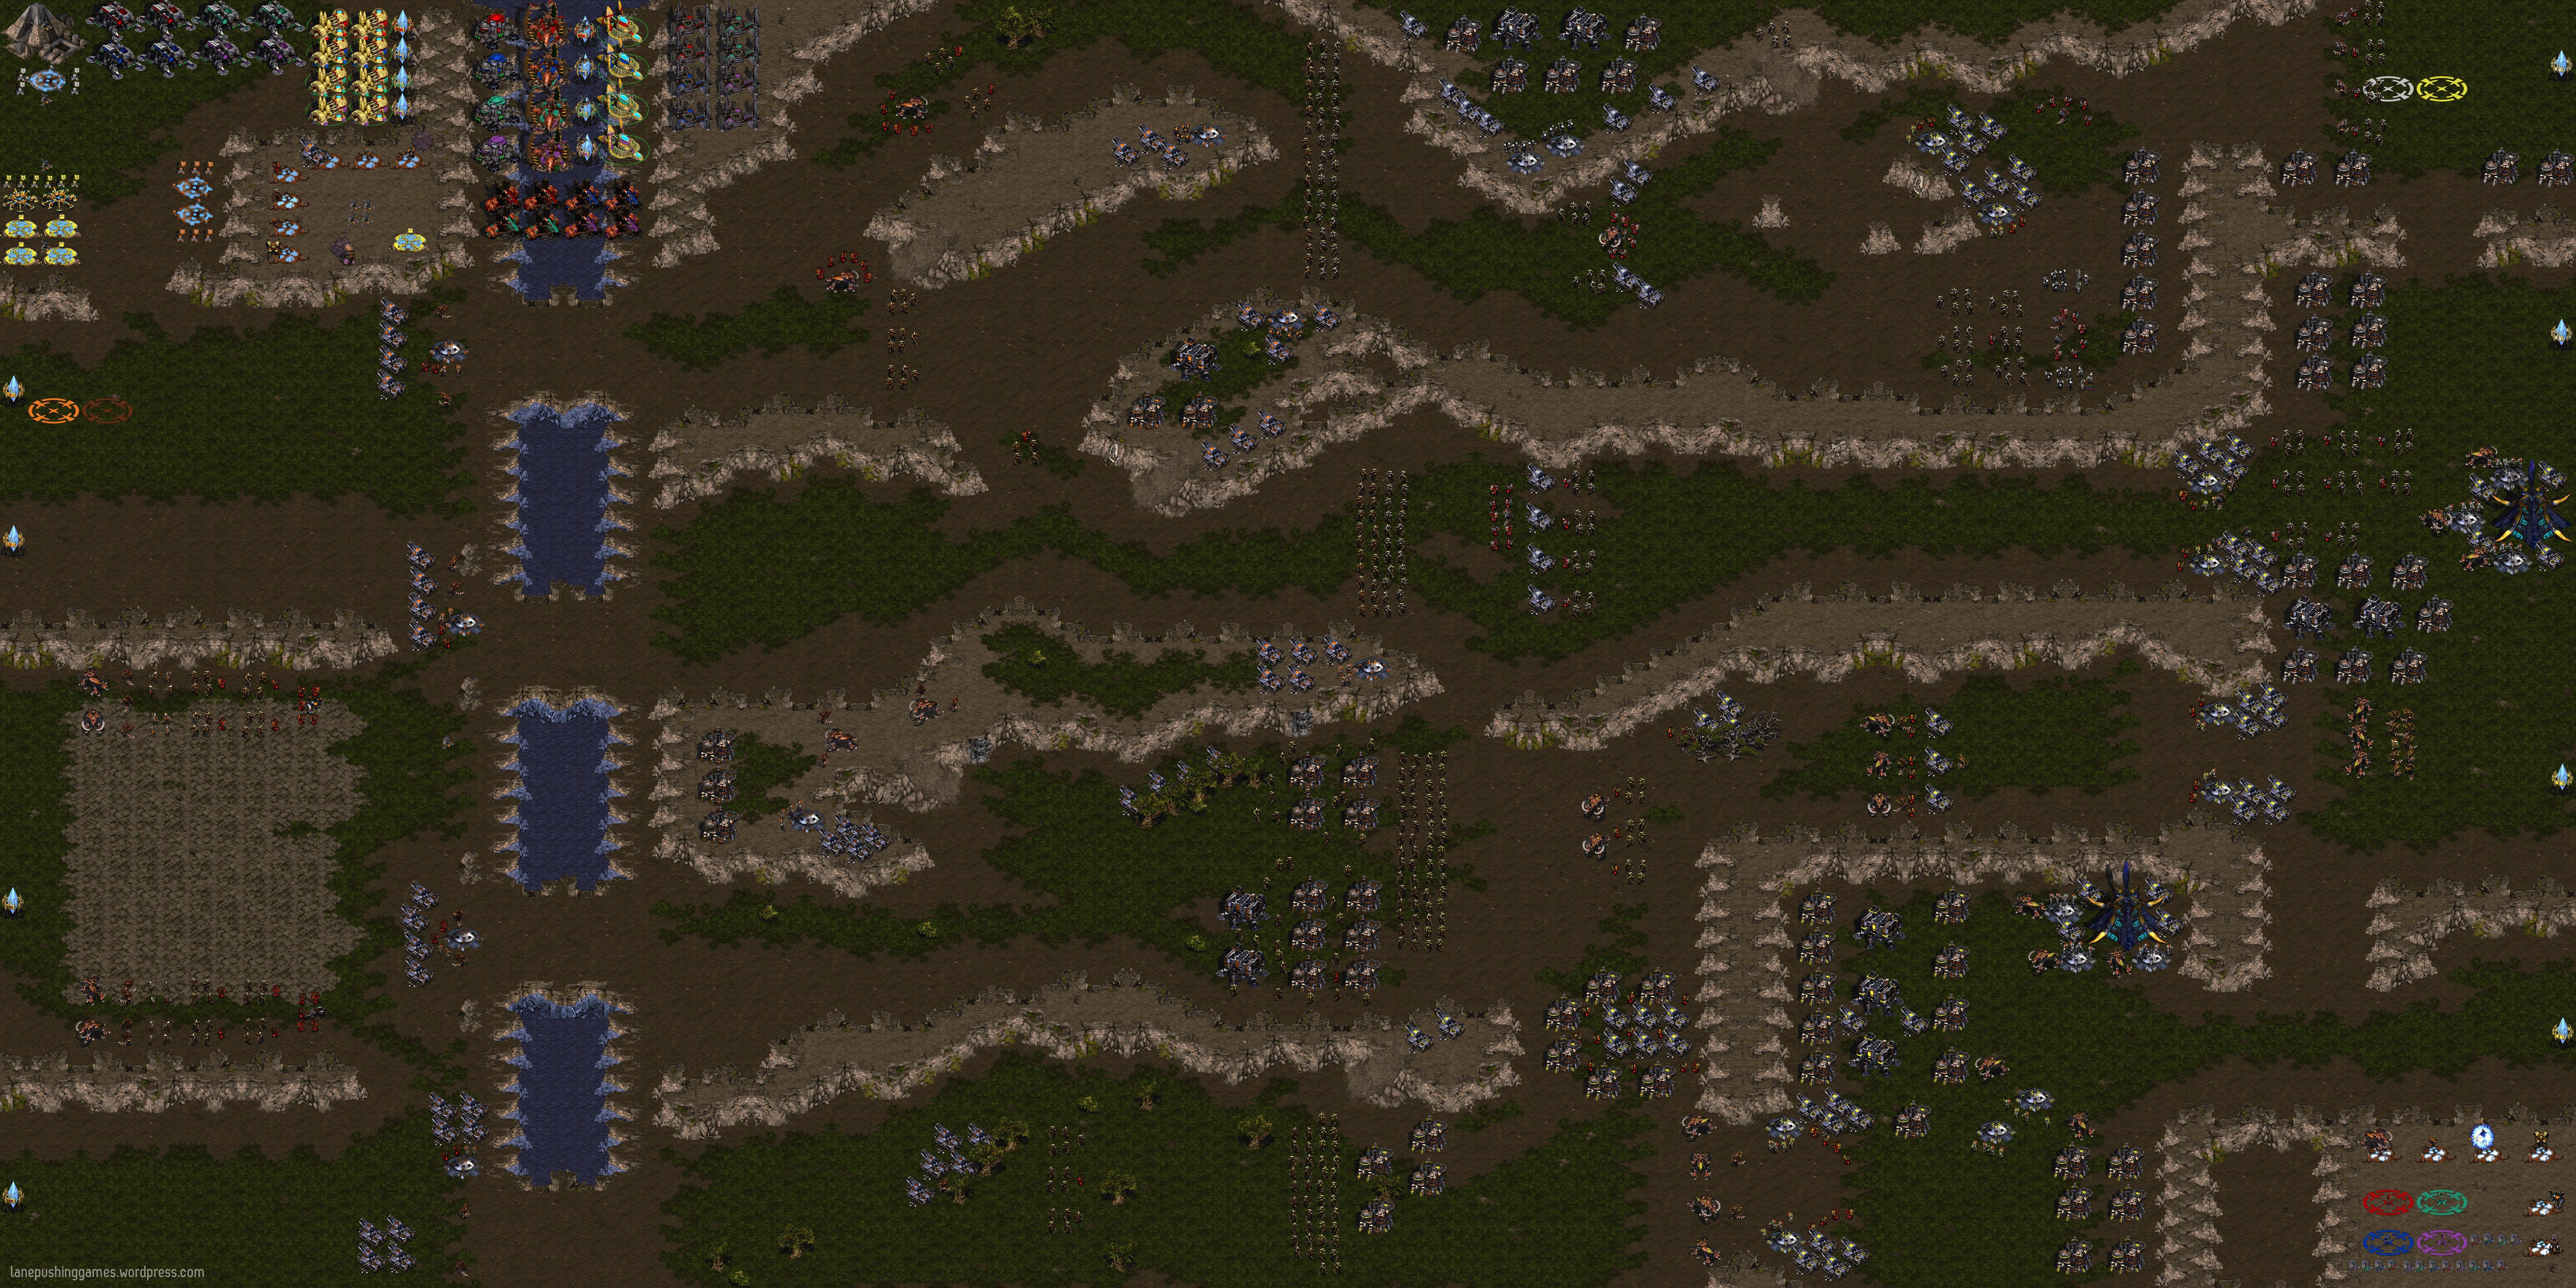 Lane-Pushing Games — Aeon of Strife